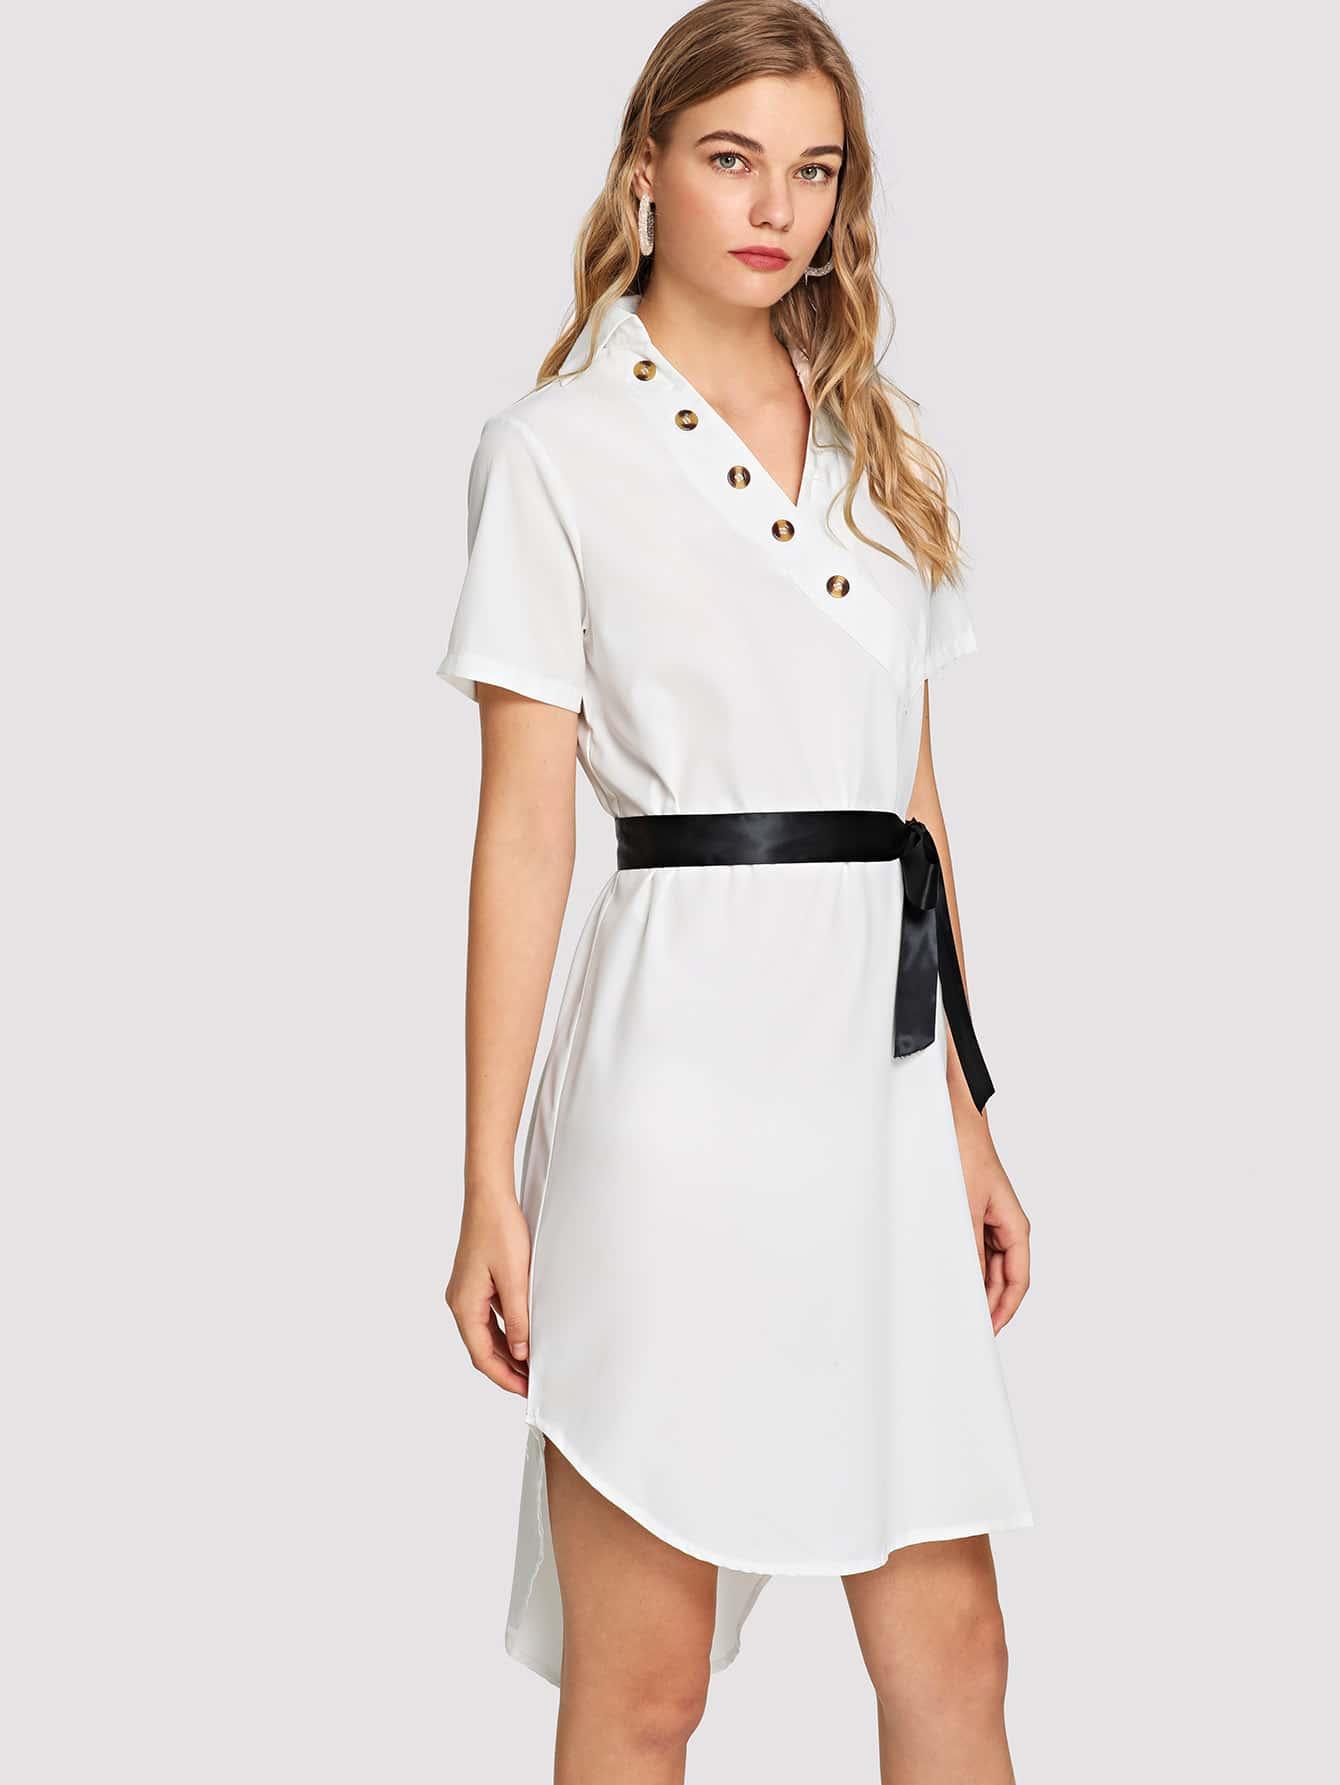 Купить Однобортное платье и с поясом и Dip подол, Teresa, SheIn